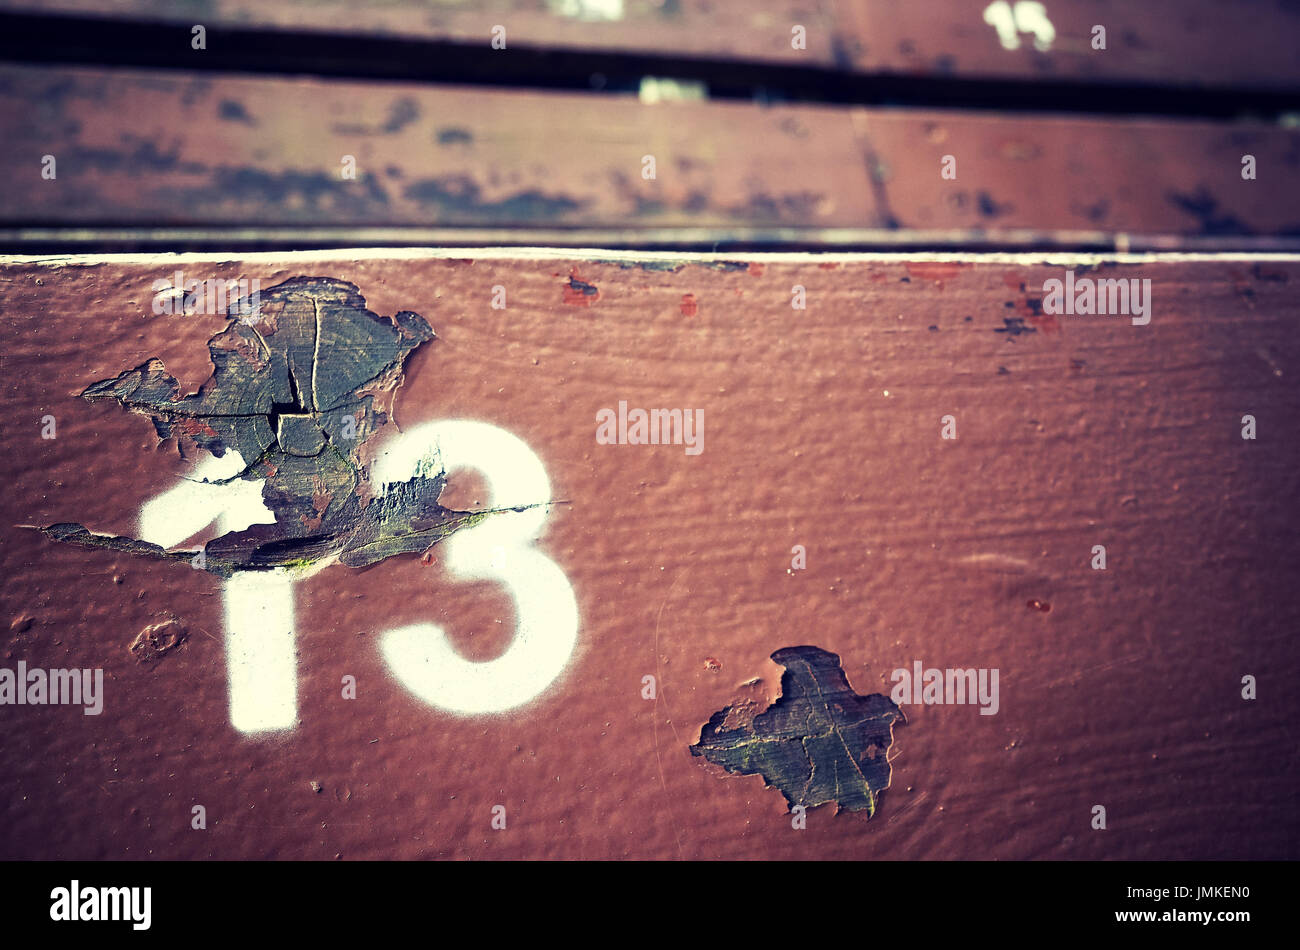 Numéro treize peint sur un vieux fauteuil en bois, image conceptuelle avec l'exemplaire de l'espace sur la droite. Photo Stock